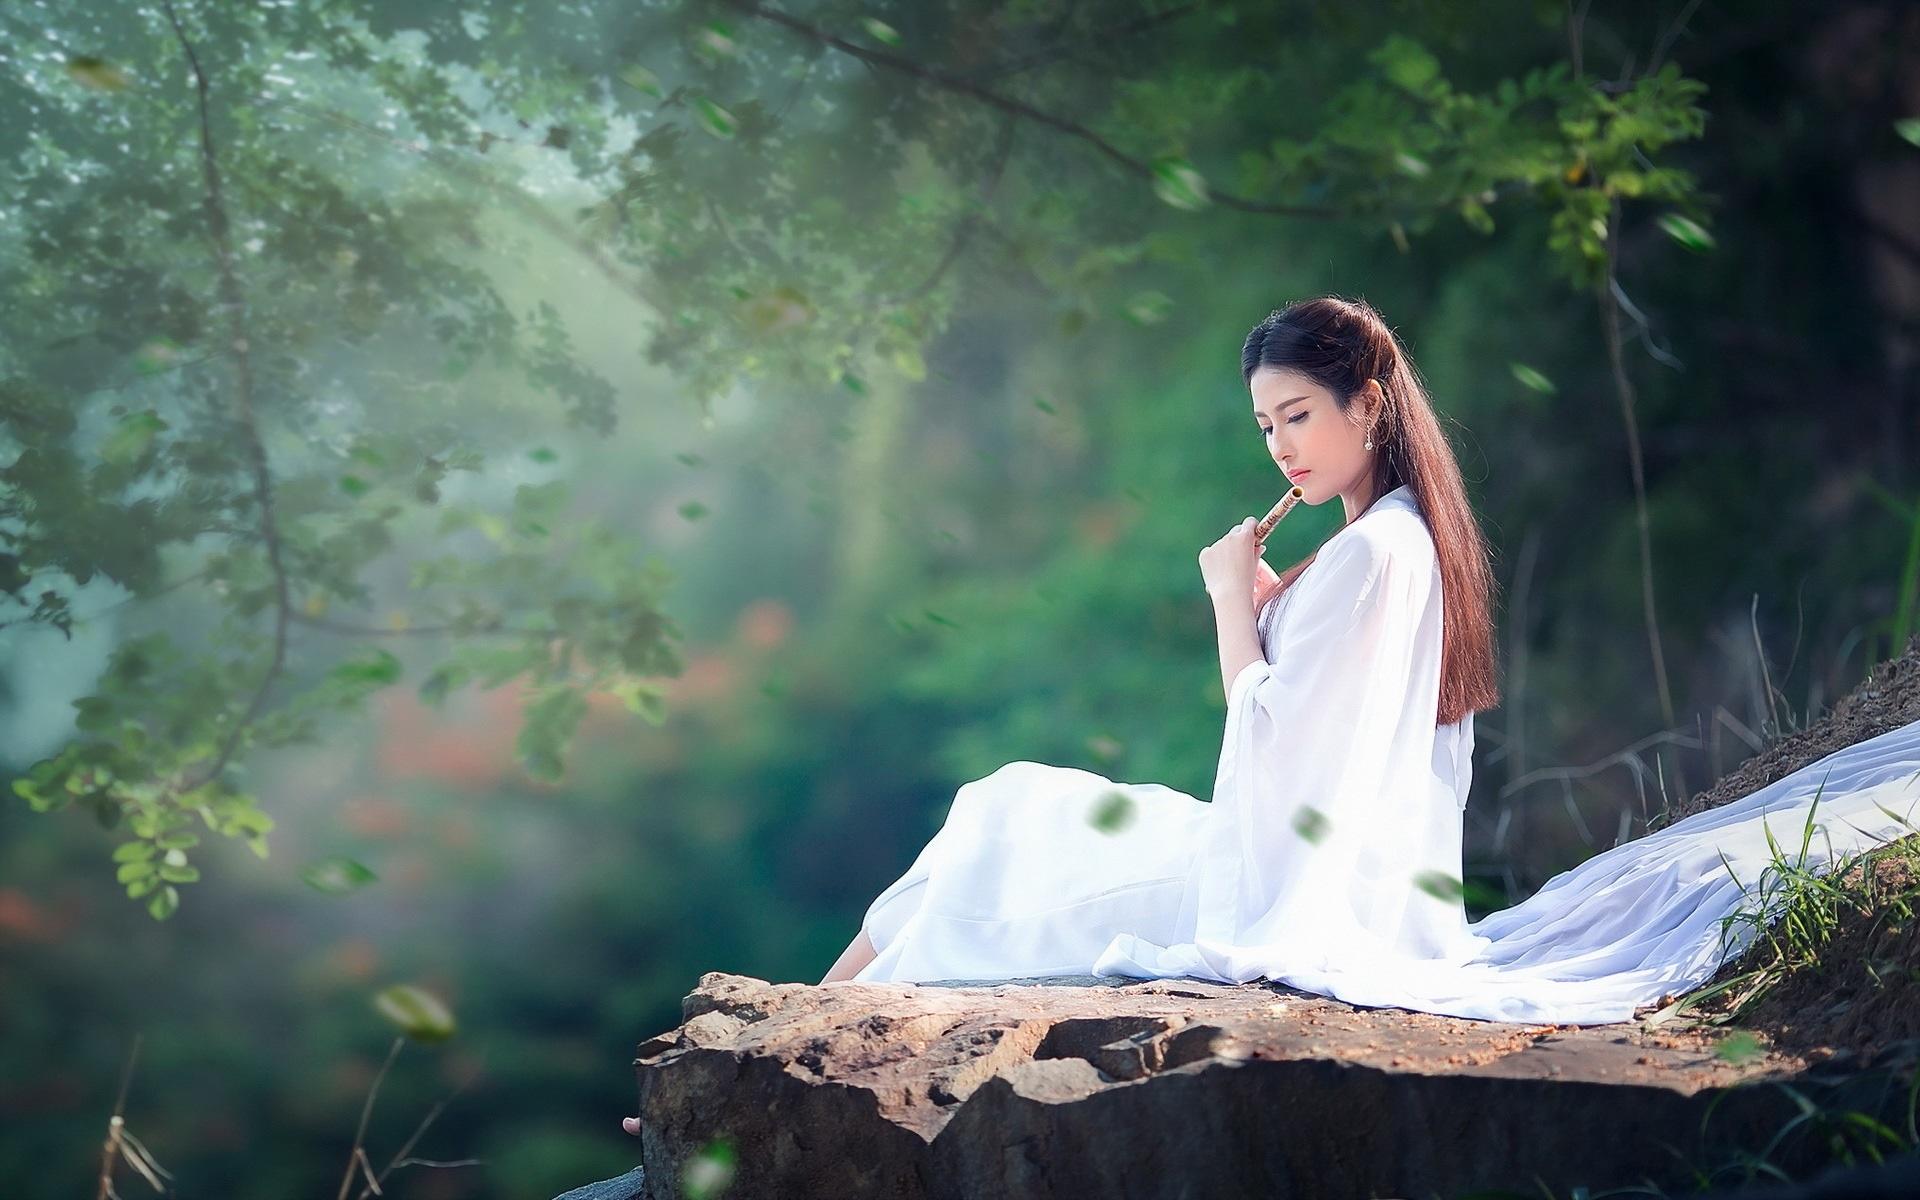 Happy Holidays Anime Girl Wallpaper 1920x1080 Long Hair Girl White Dress Music Flute Wallpaper